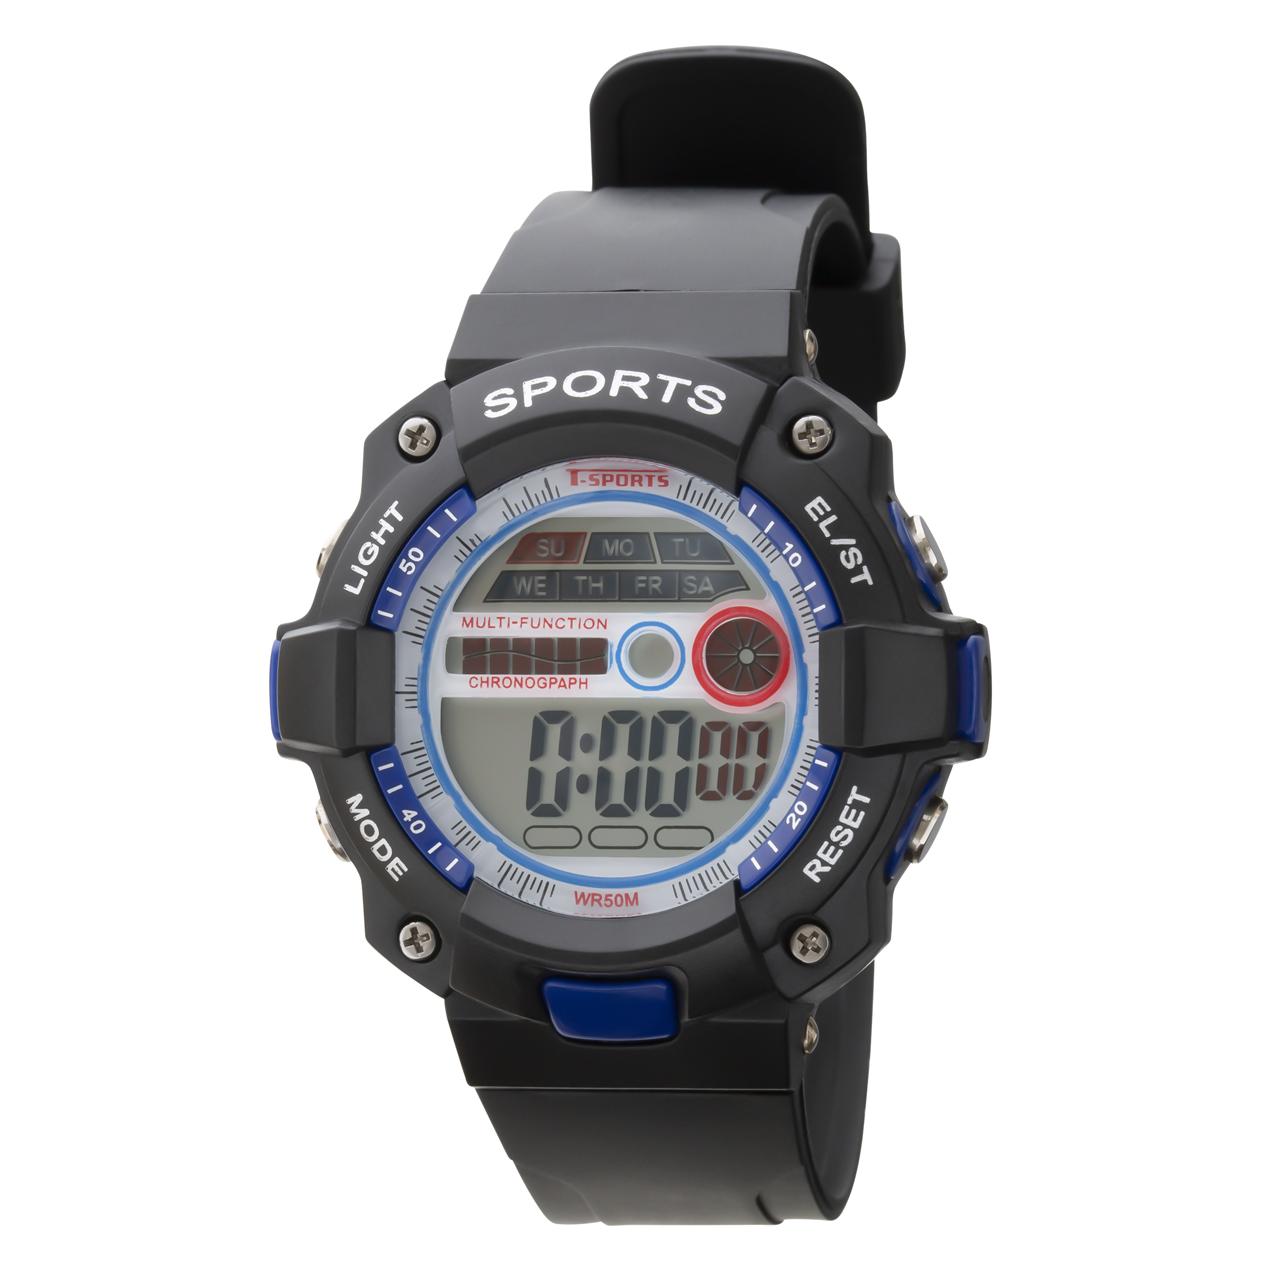 T-SPORTS ティースポーツ デジタルウオッチ 腕時計【TS-D154】